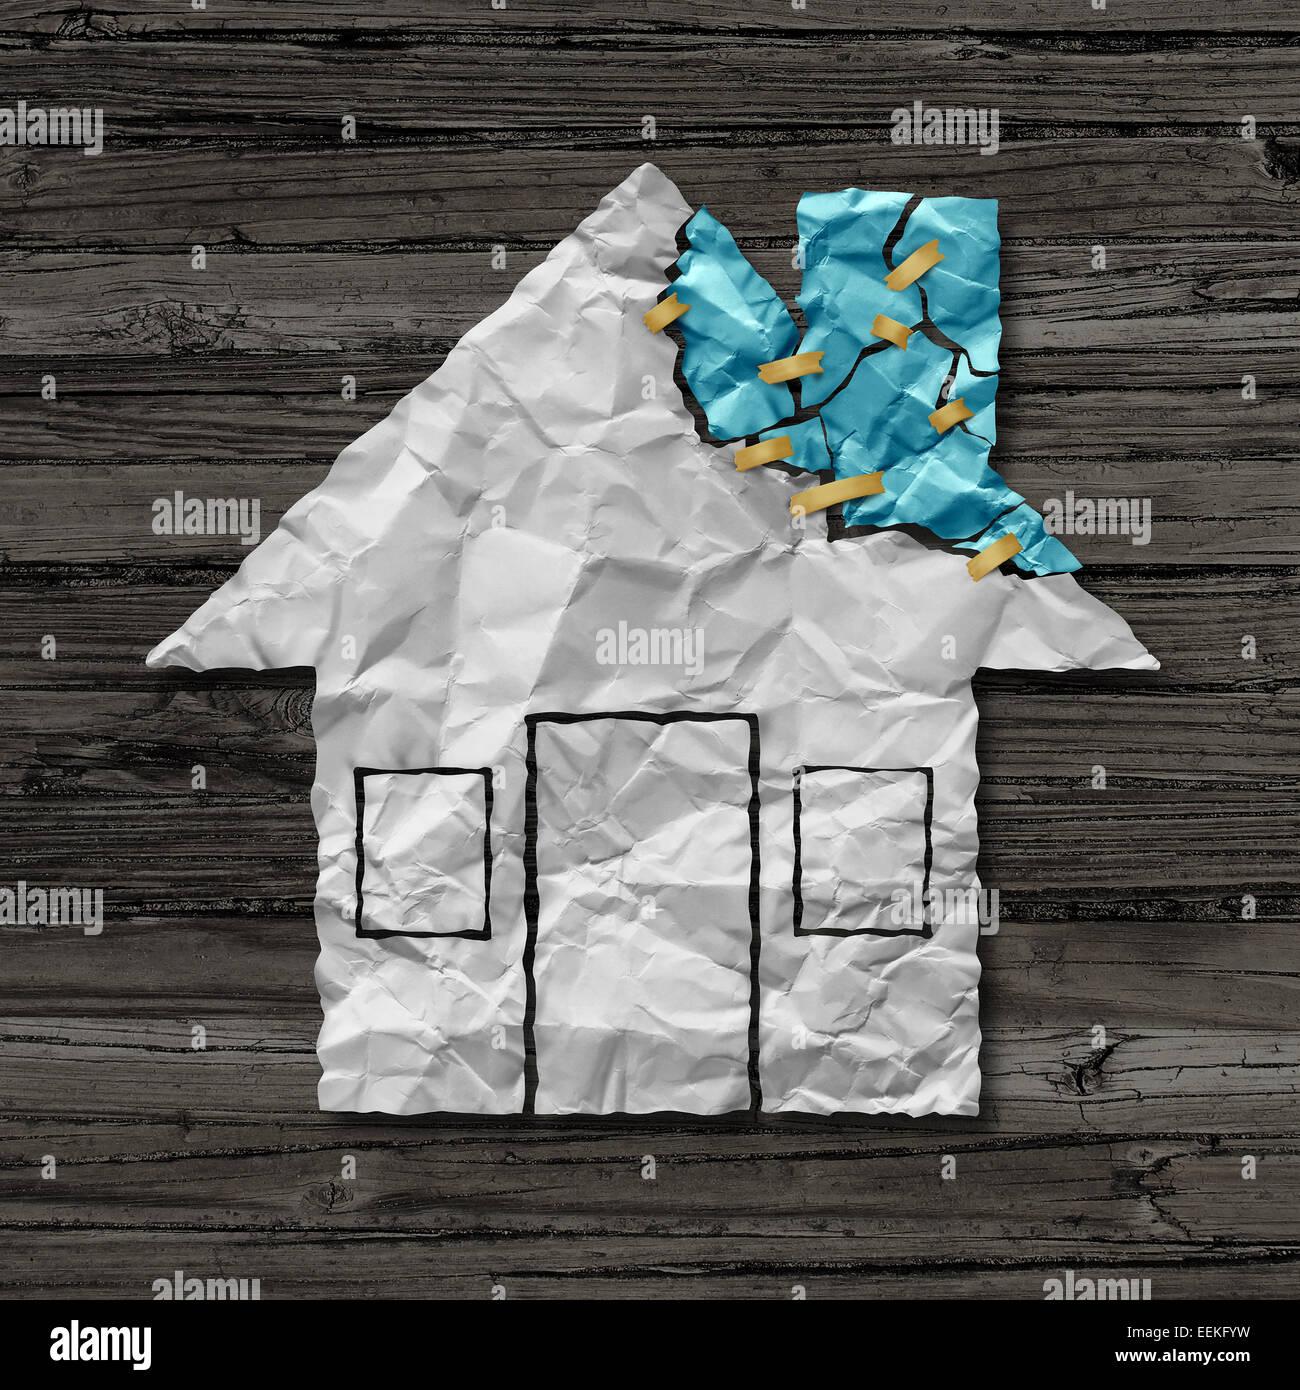 Inicio concepto de reparación y mejoramiento de vivienda símbolo como papel arrugado en forma de una estructura Imagen De Stock